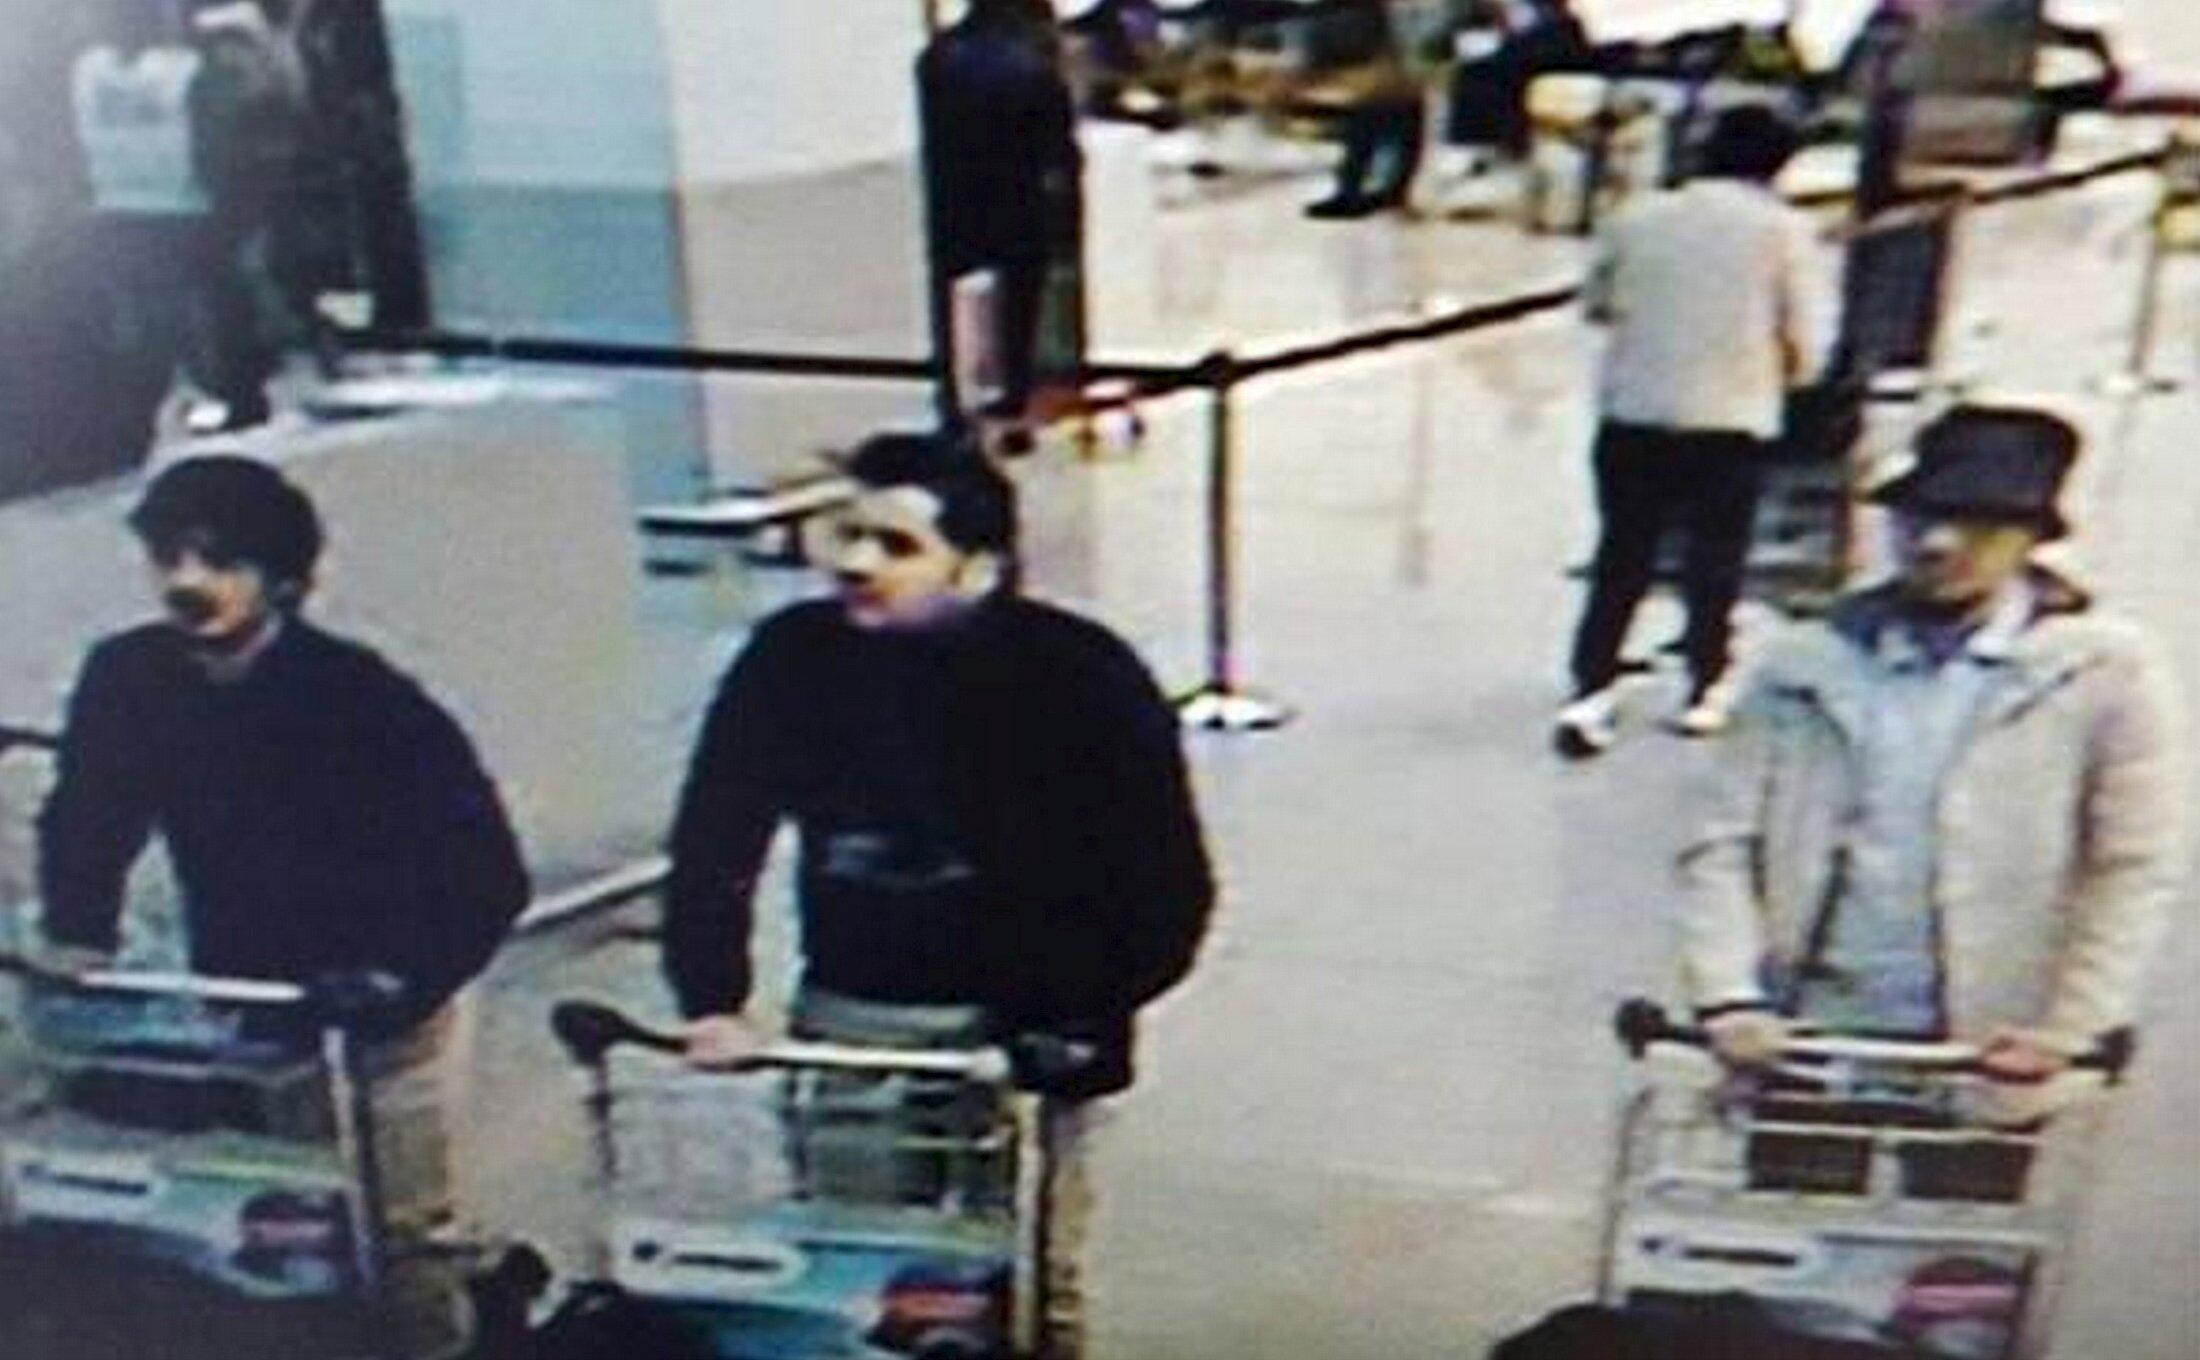 Najim Laachraoui (T), người chuẩn bị vũ khí cho loạt khủng bố ở Paris và Mohamed Abrini (P), kẻ khủng bố duy nhất sống sót sau vụ khủng bố sân bay Bruxelles. Ảnh chụp từ camera theo dõi ngày 22/03/2016.